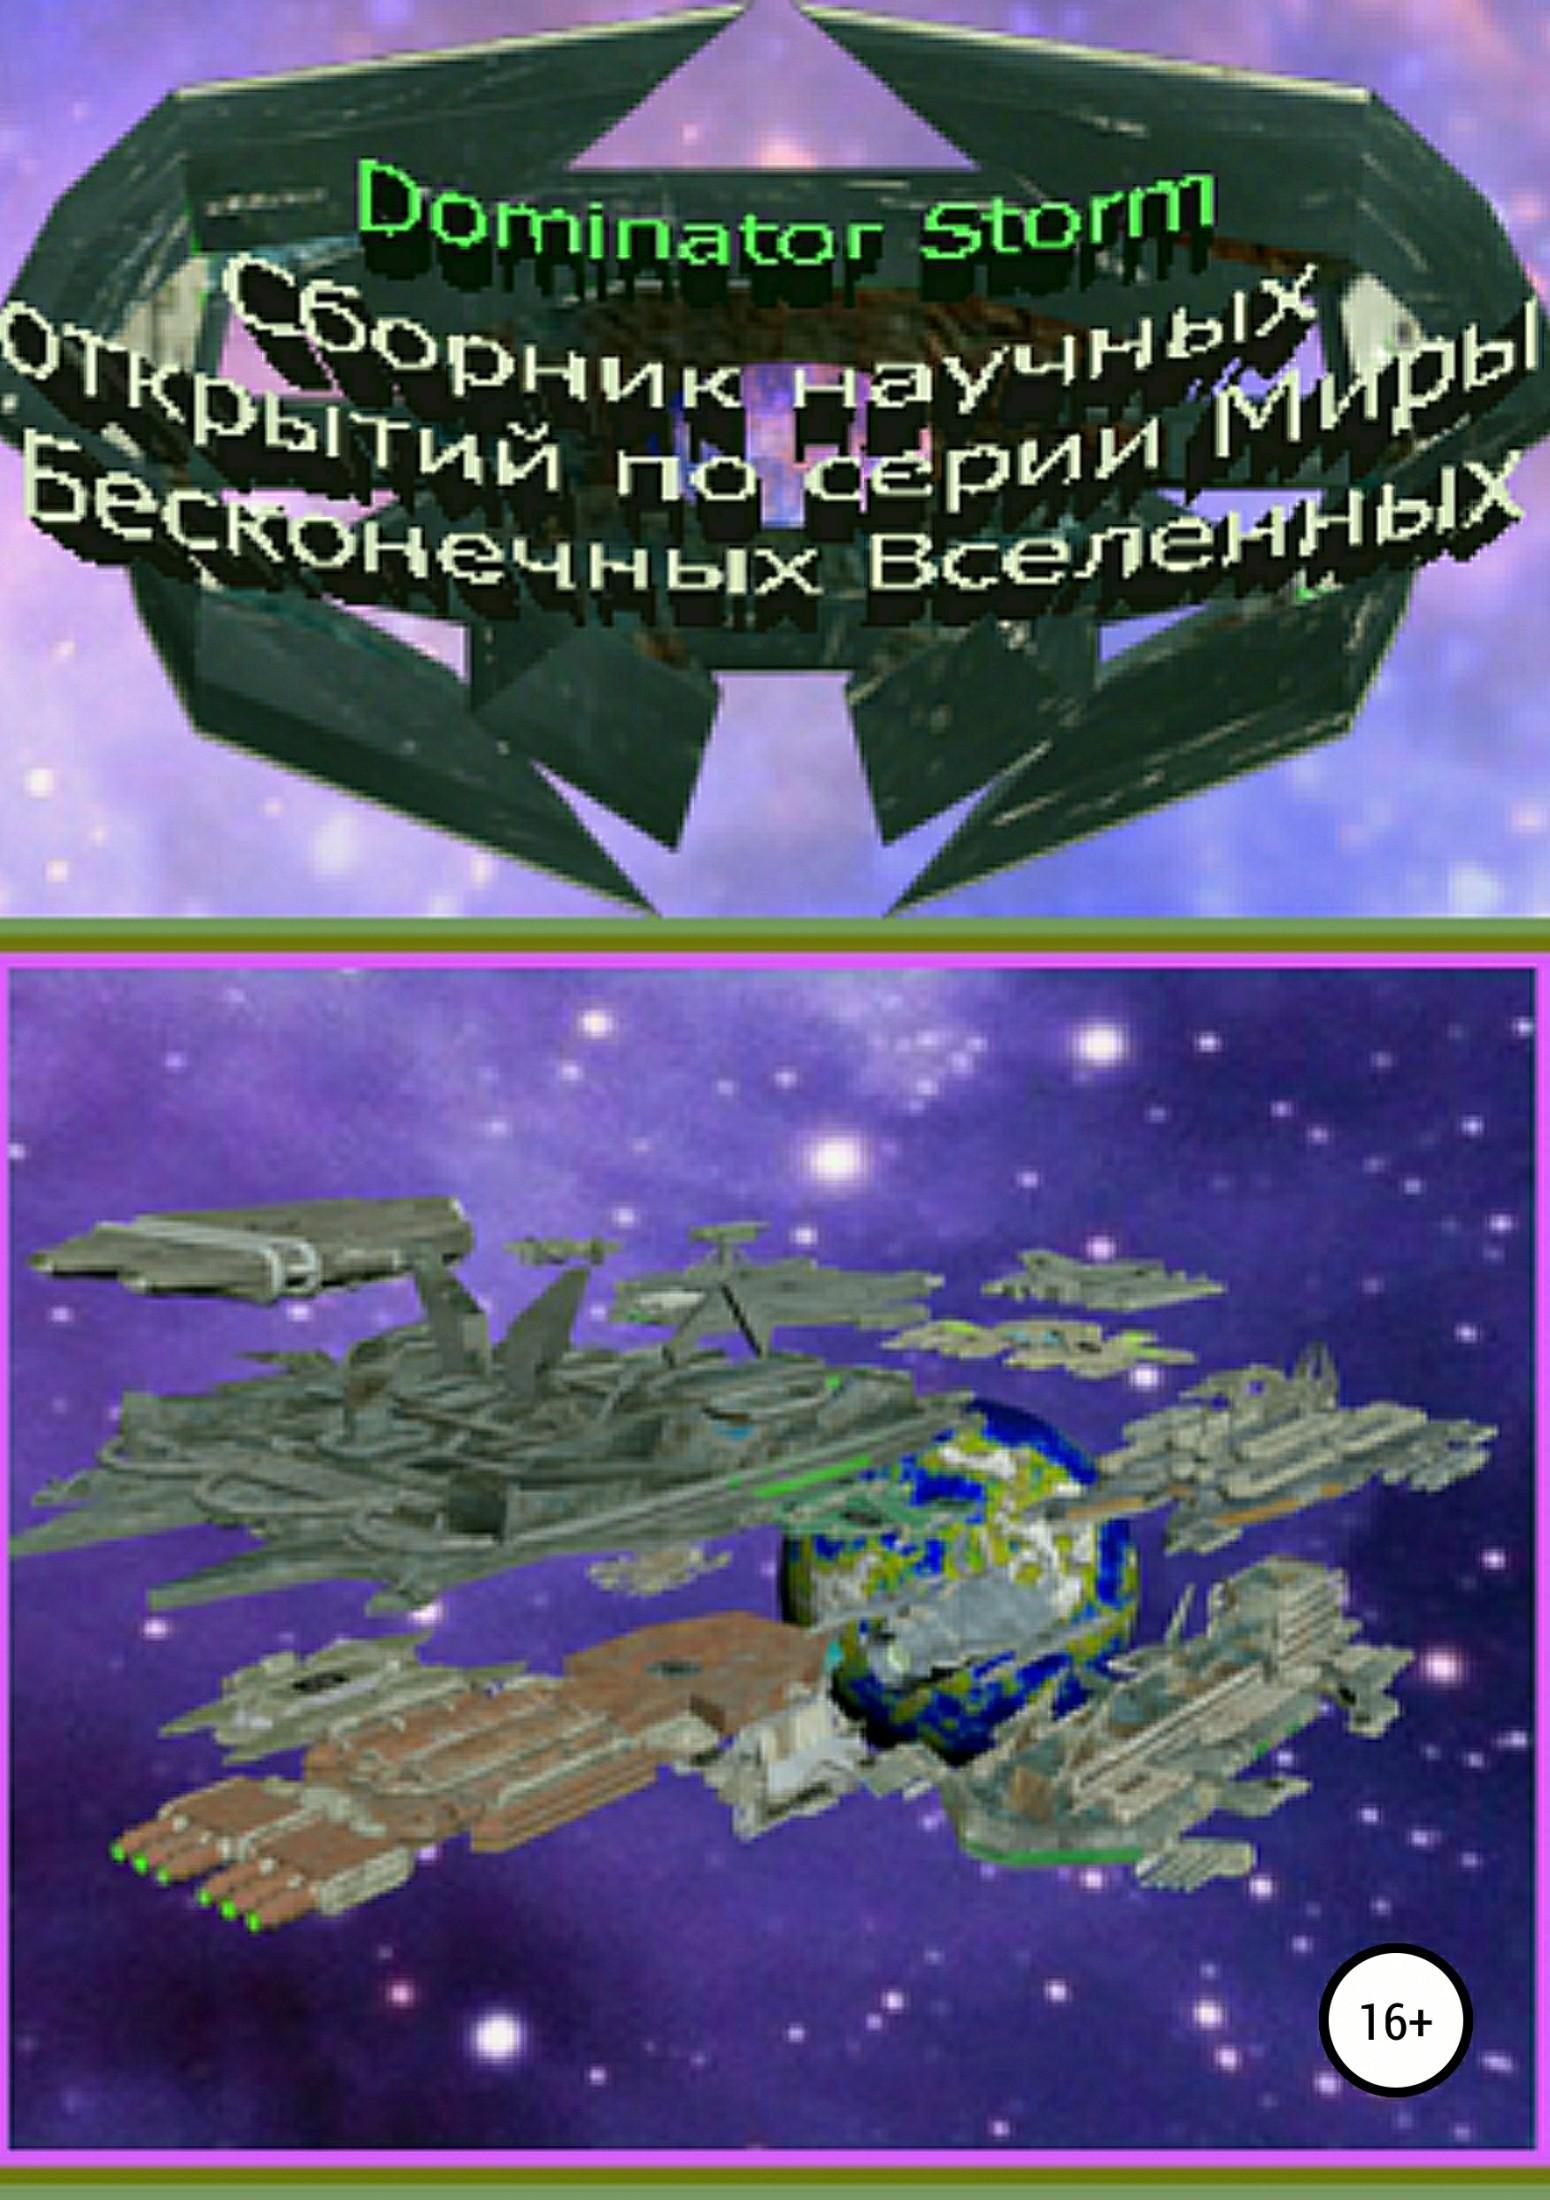 Сборник научных открытий по серии «Миры Бесконечных Вселенных»